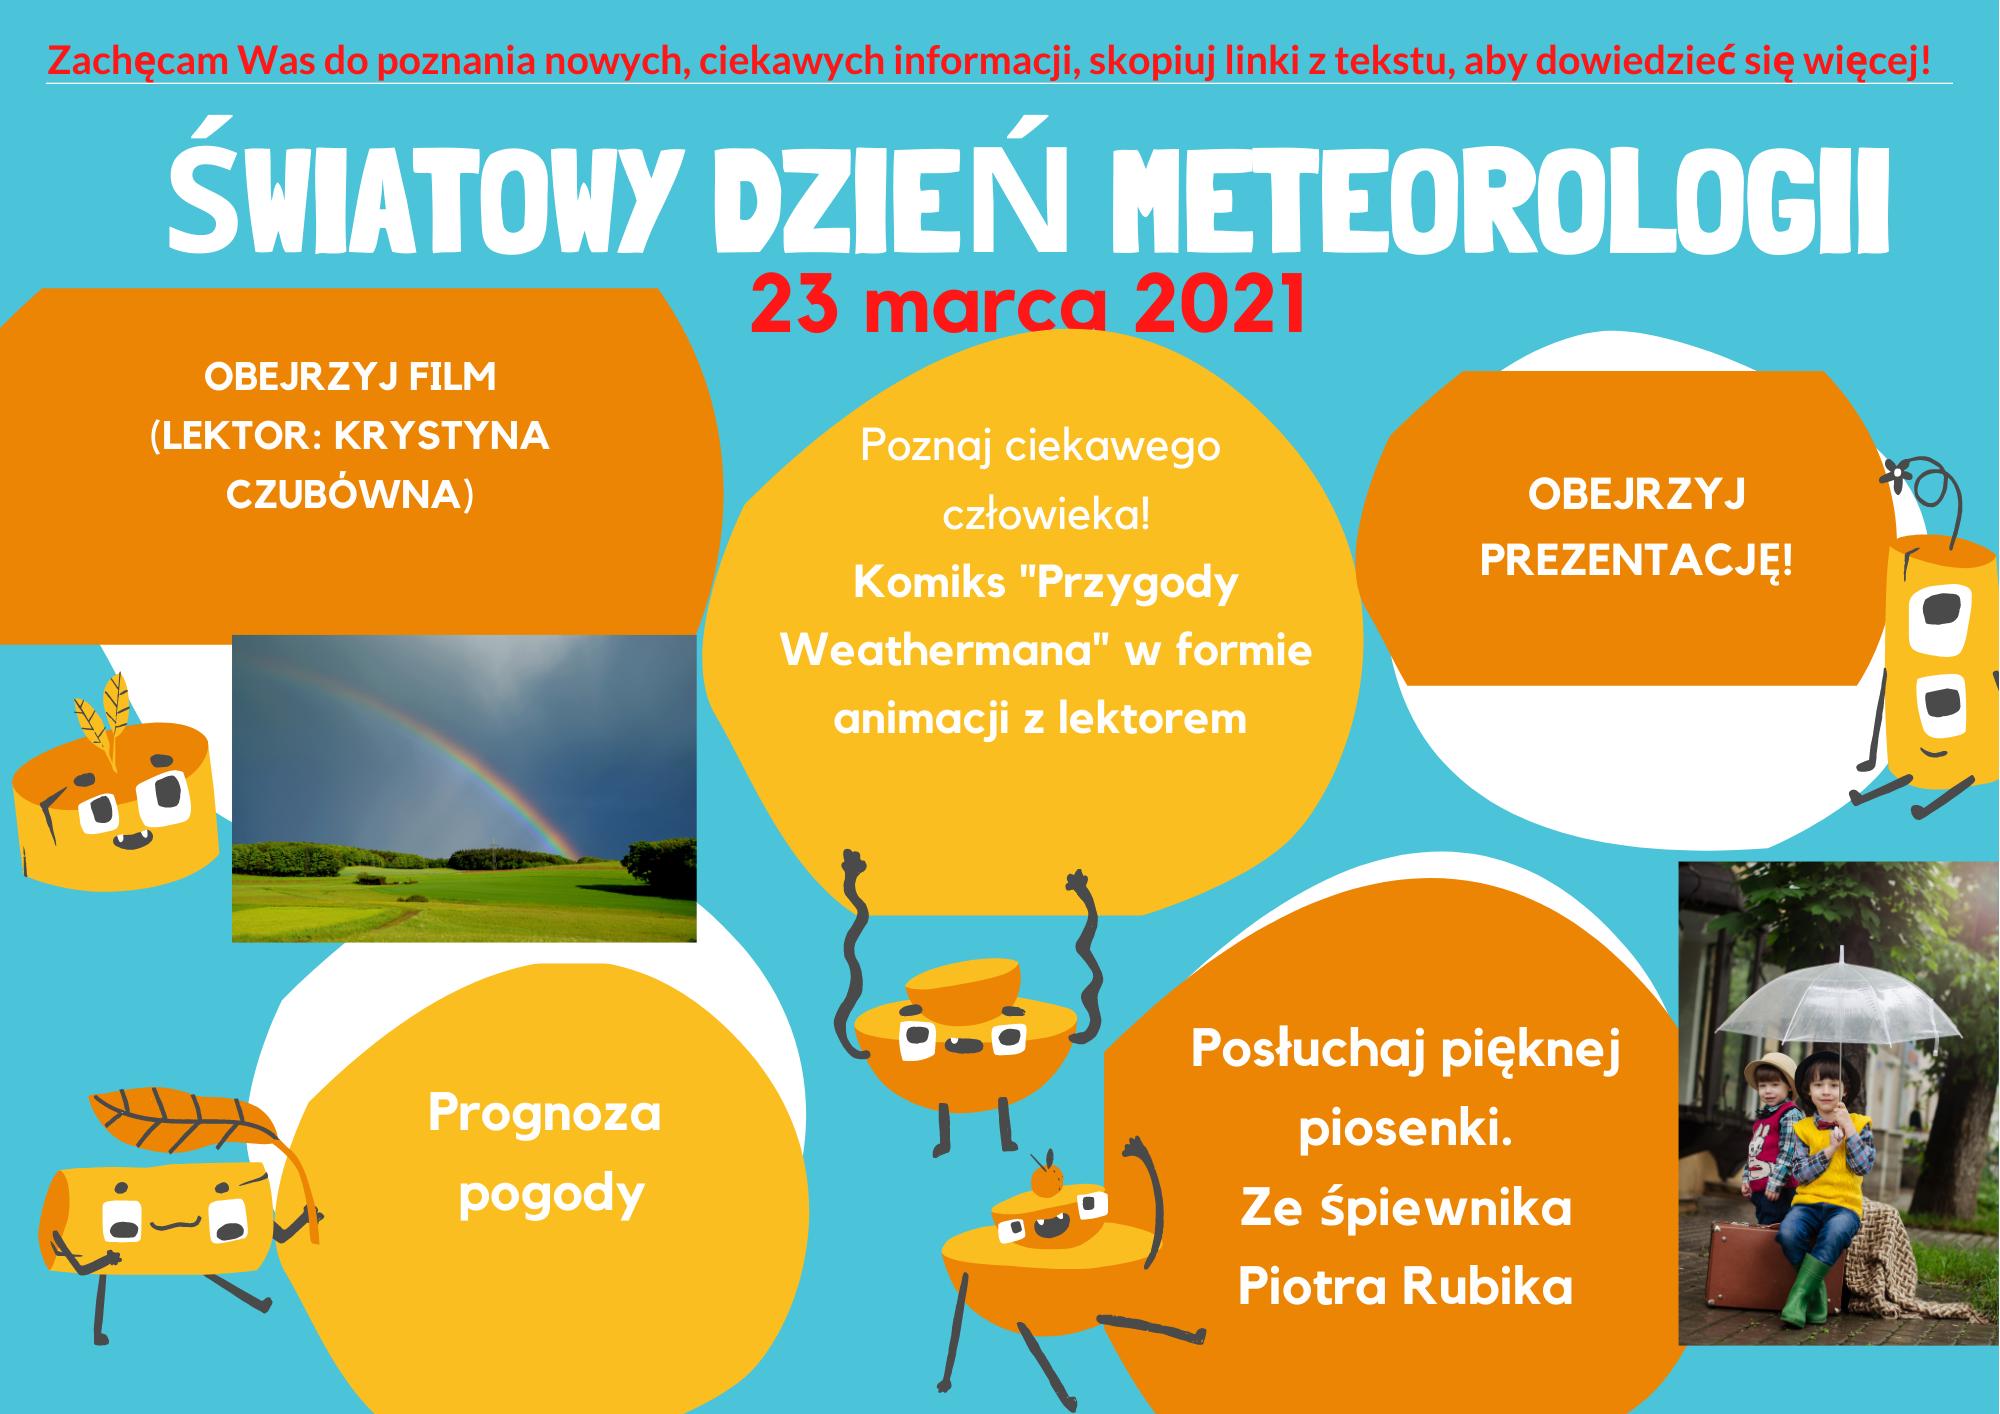 Dzisiaj Światowy Dzień Meteorologii!